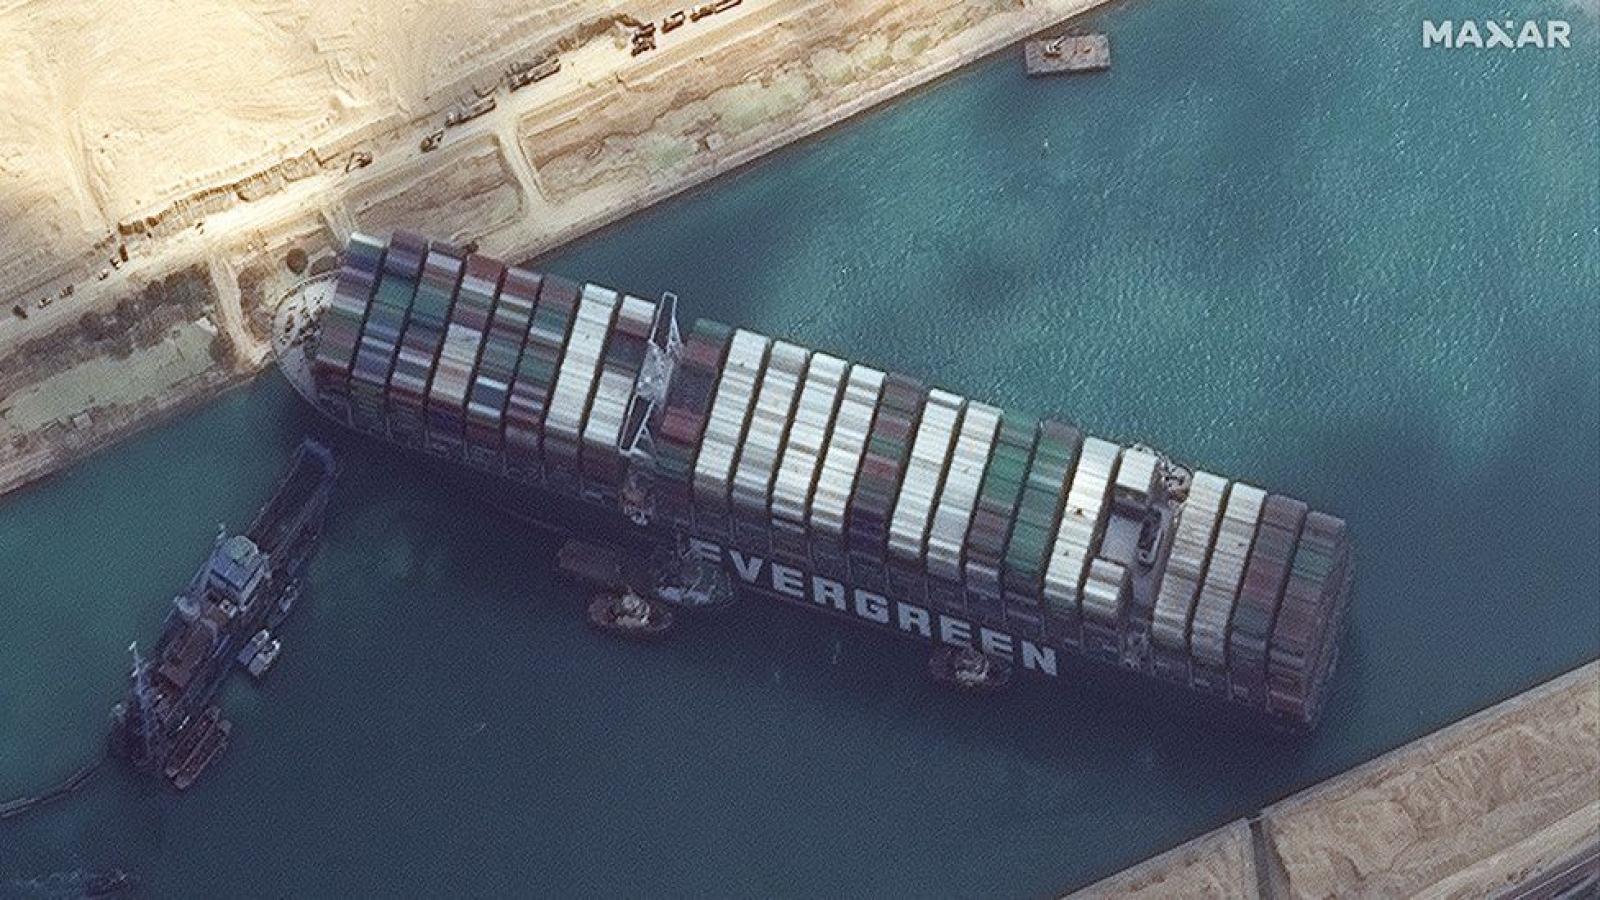 Kế hoạch giải cứu siêu tàu Ever Given được thực hiện như thế nào?